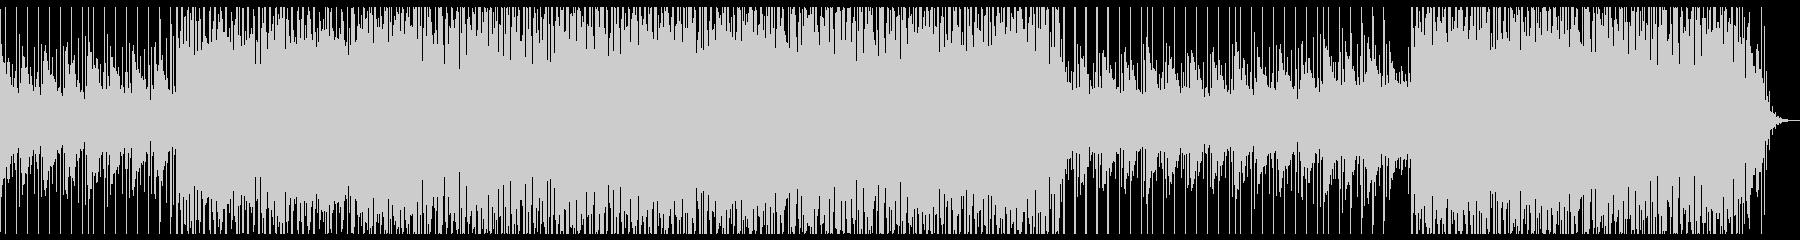 ポップで明かるいトロピカルハウス の未再生の波形